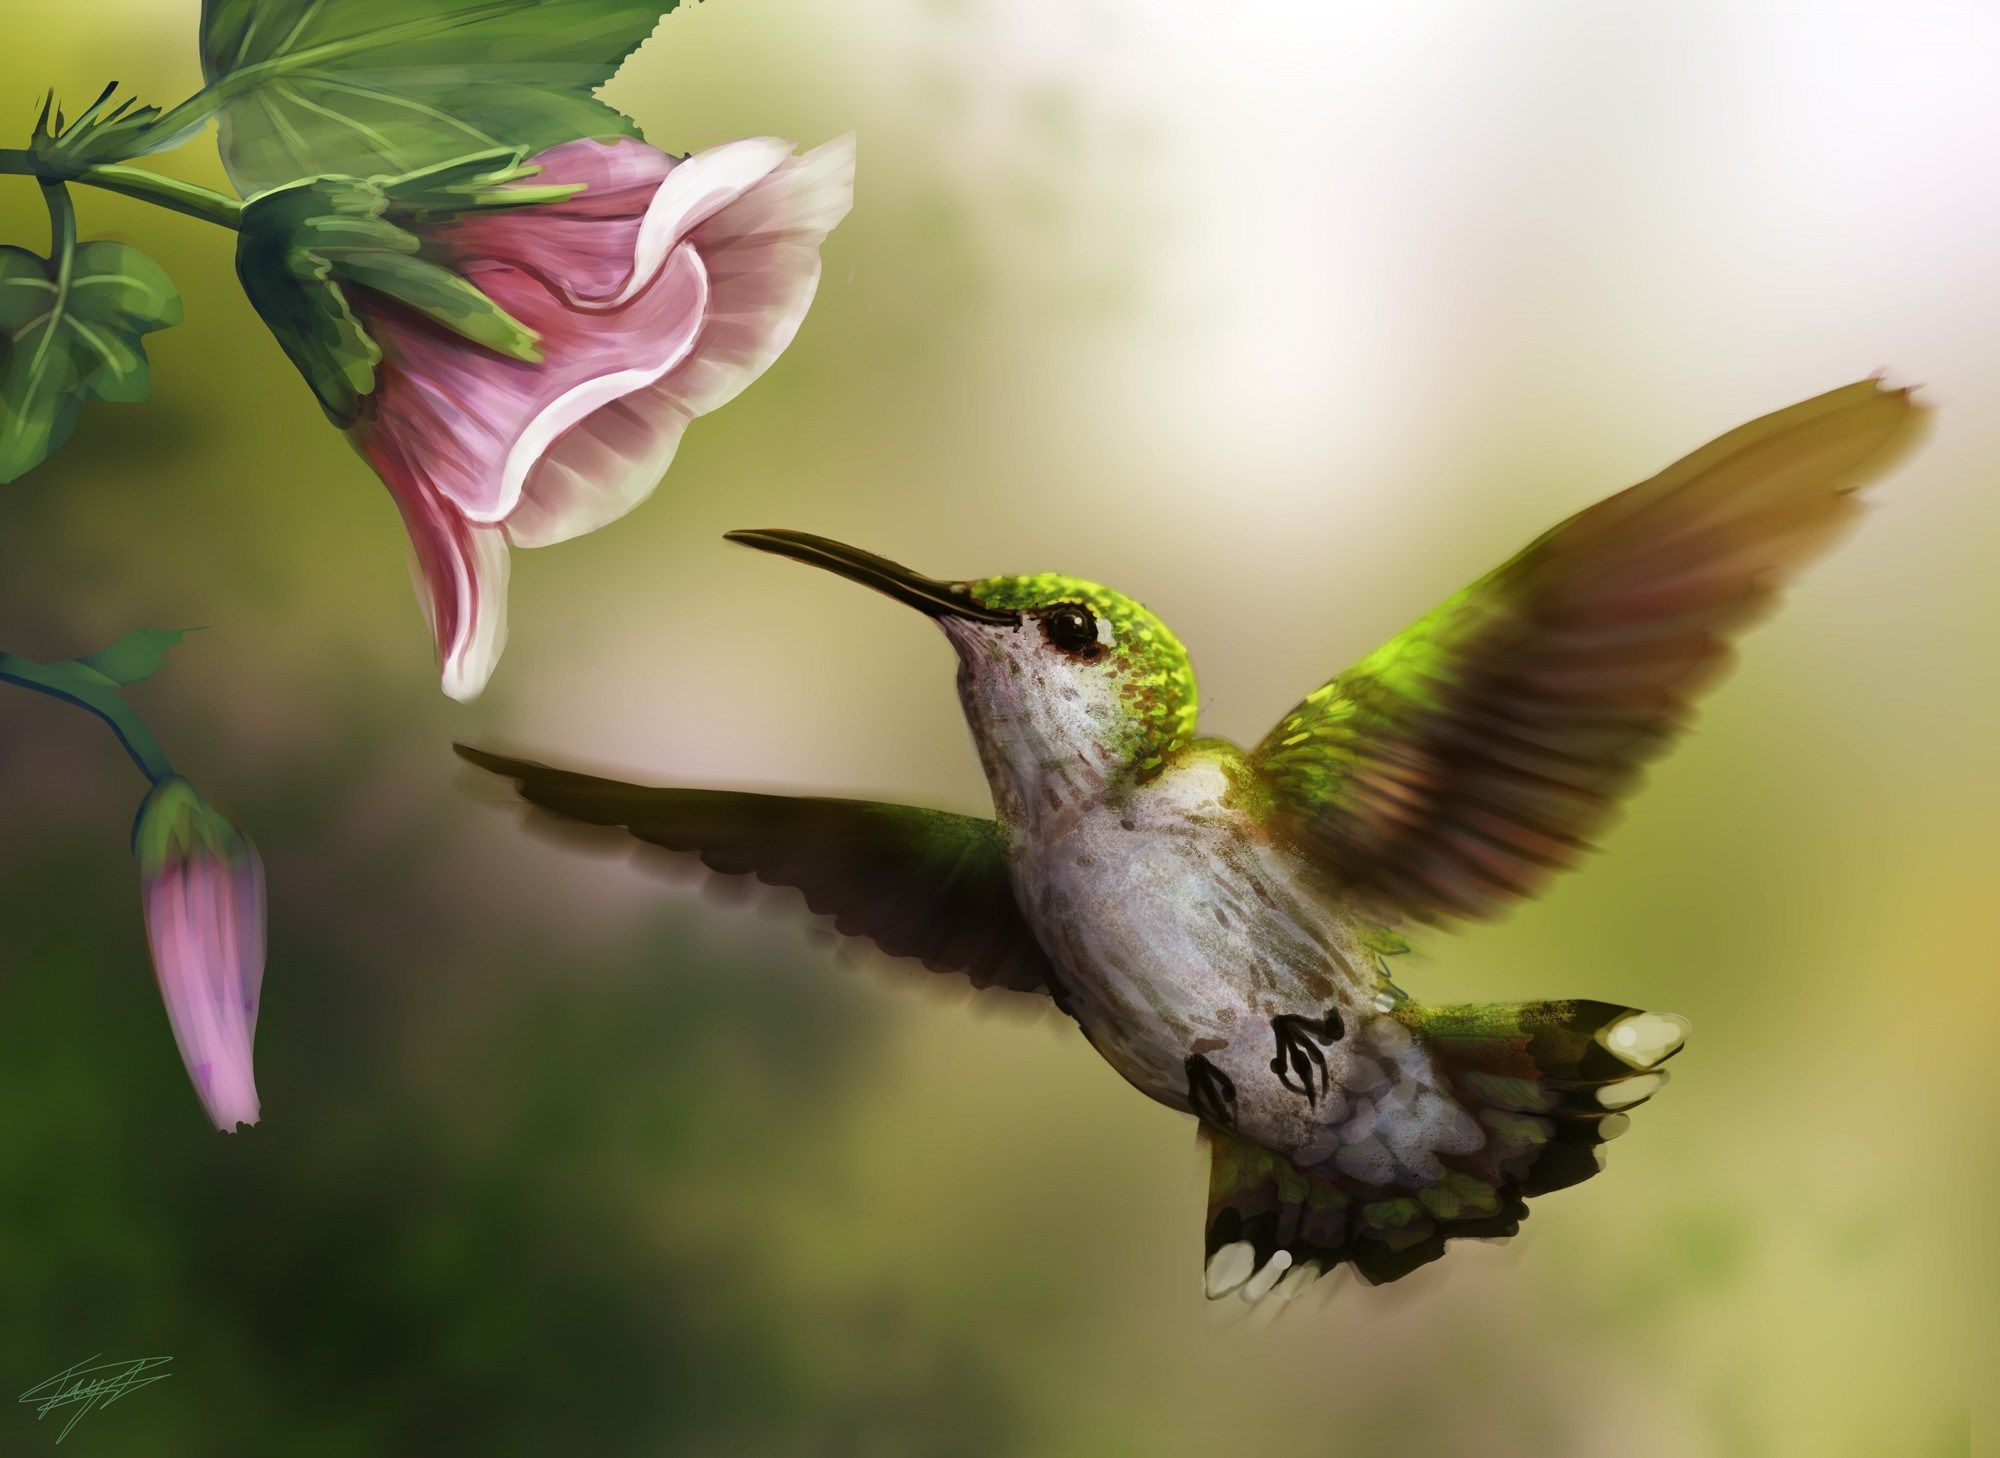 Imagen bonita de un colibri para fondo de pantalla fotos for Imagenes bonitas para fondo de pantalla